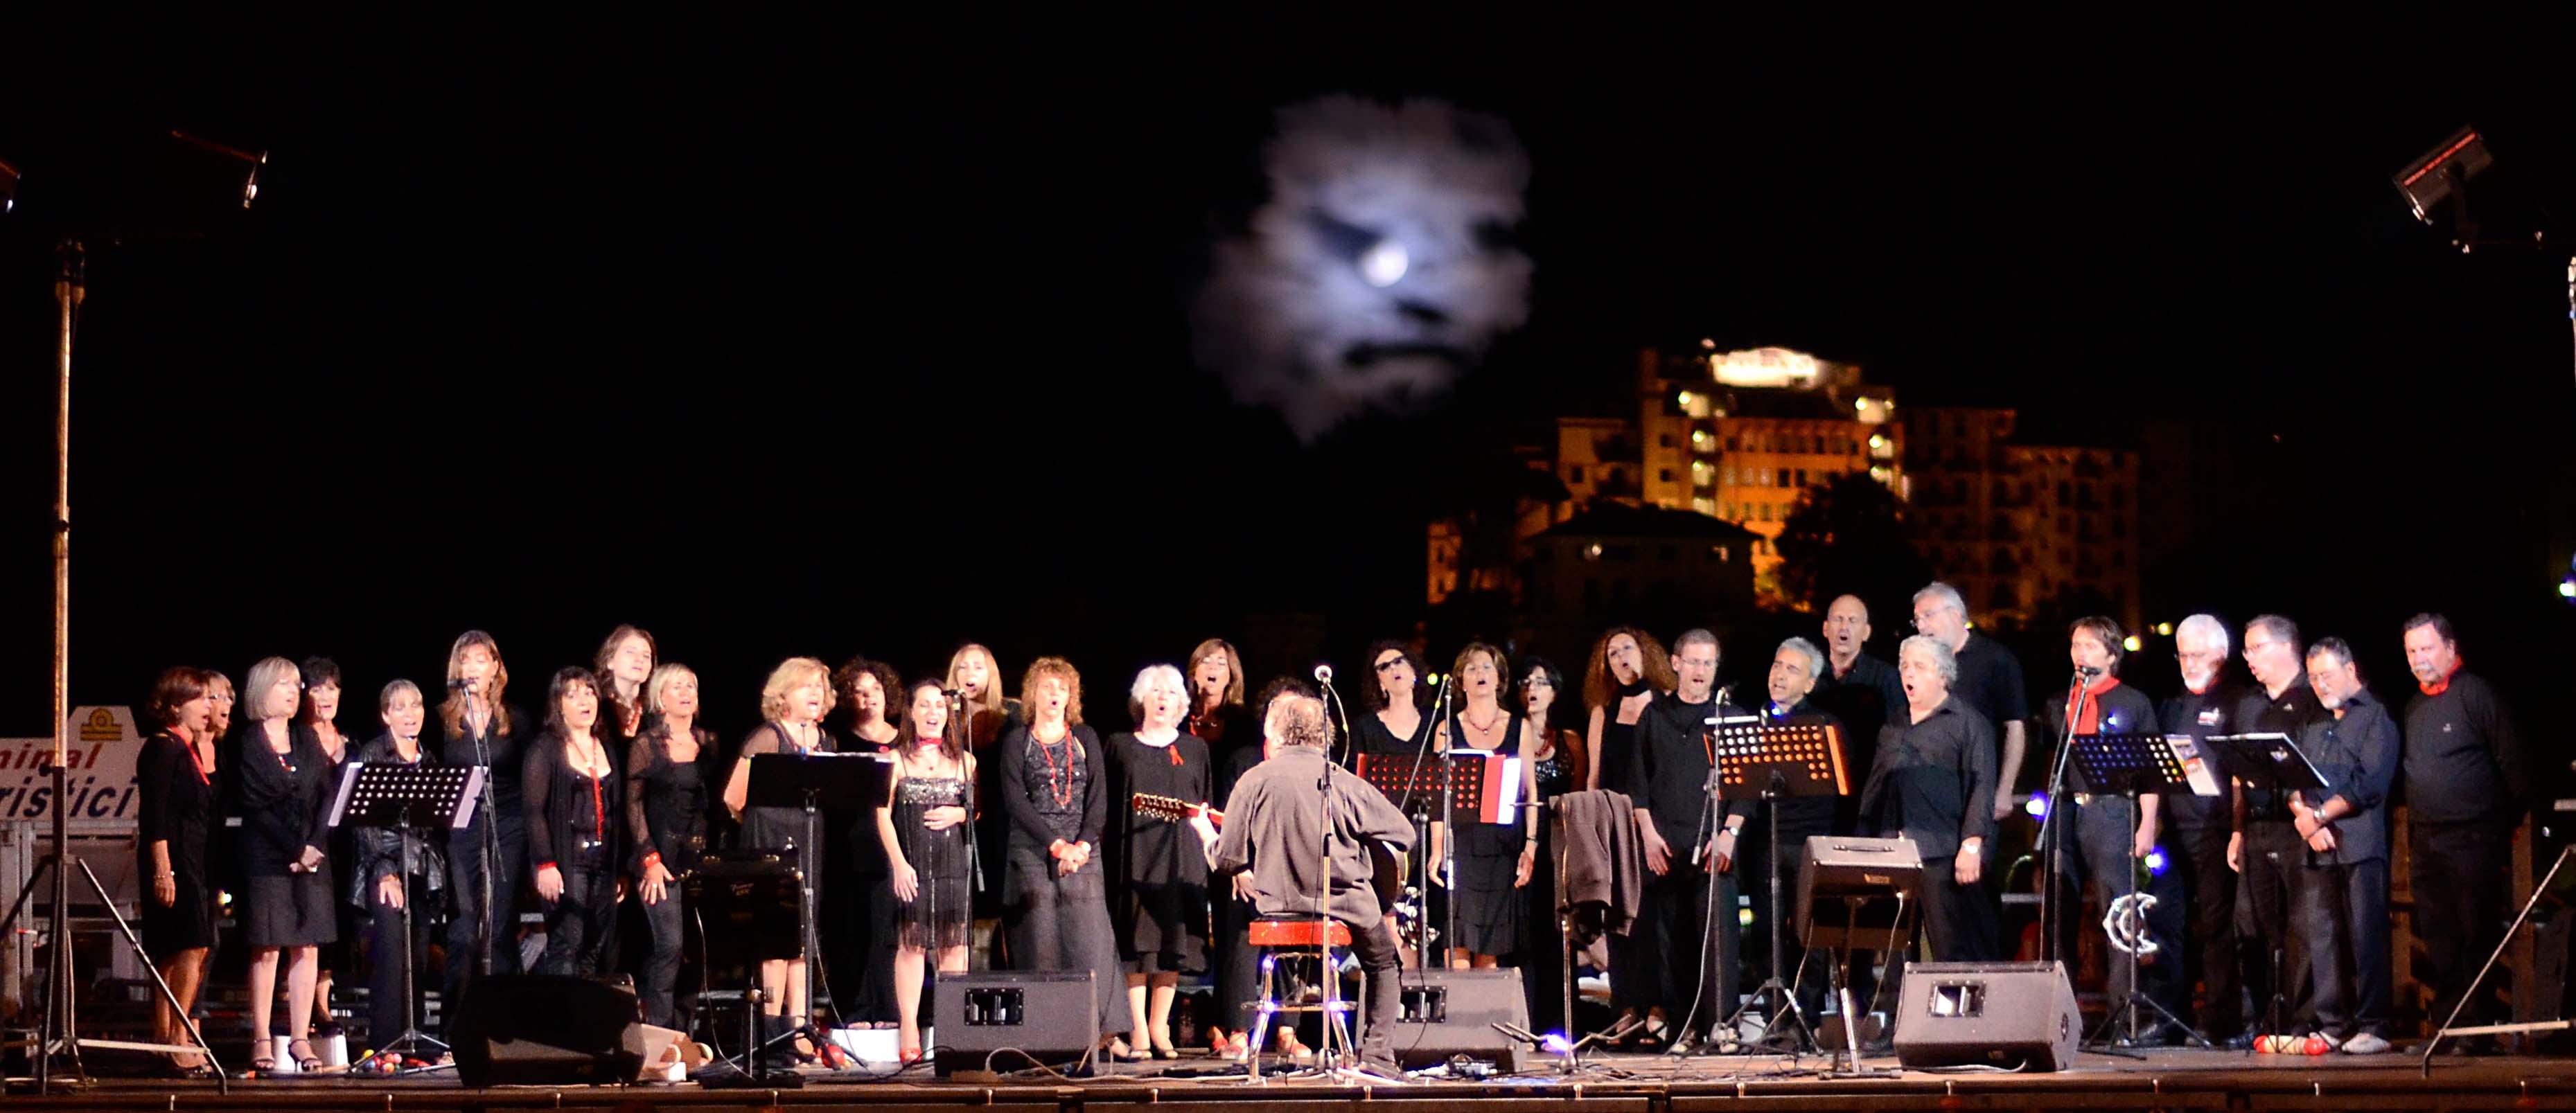 12 AGOSTO 2011 - RAPALLO.jpg